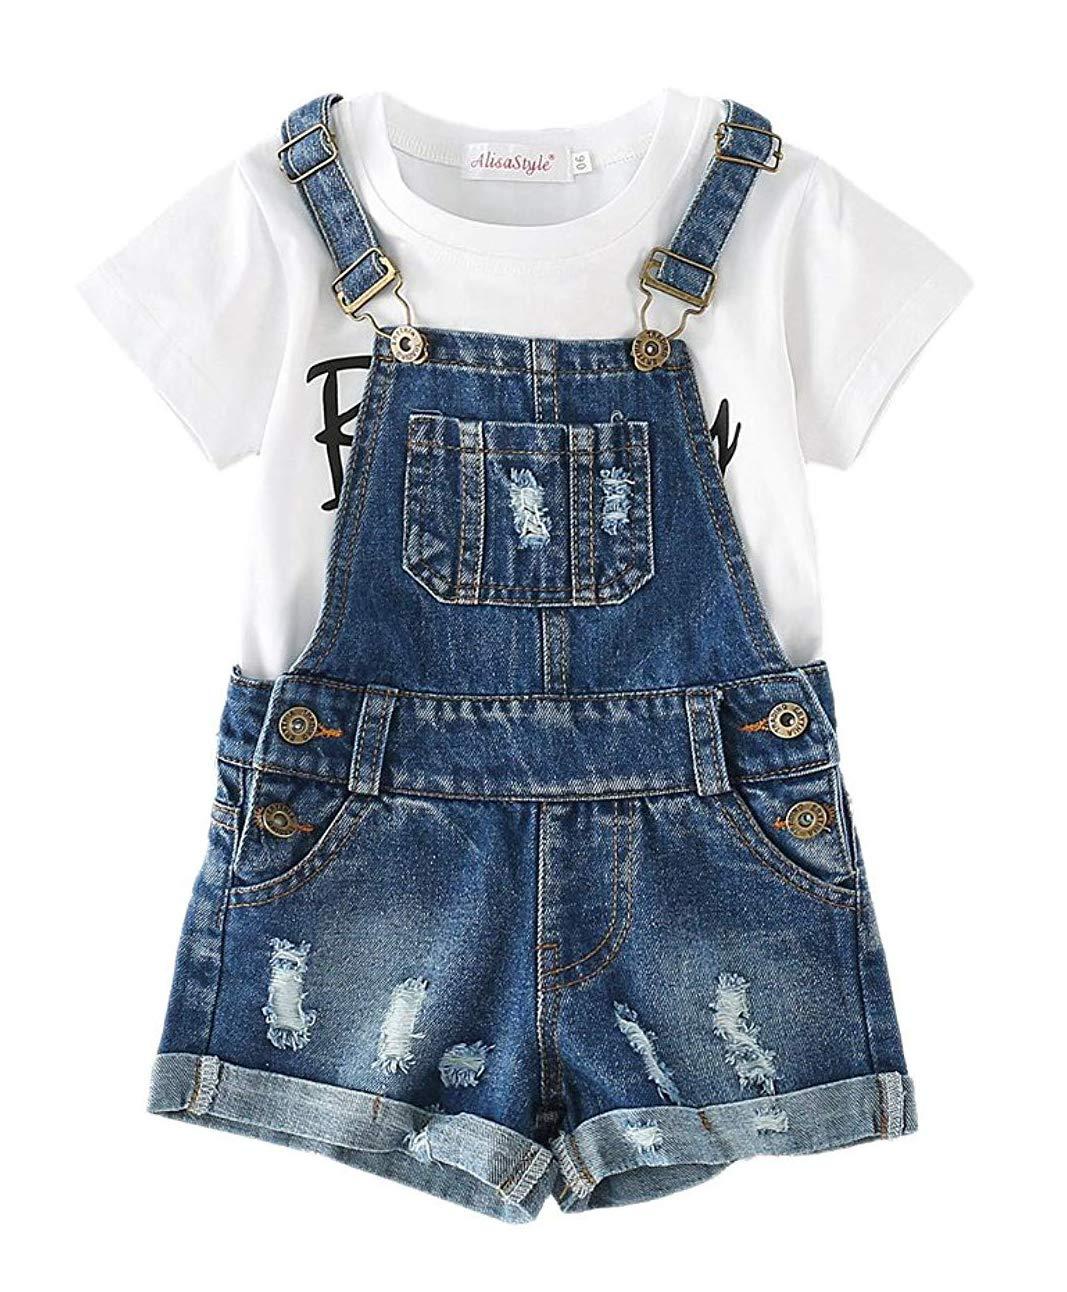 Sitmptol Big Girls Kid Denim Jumpsuit Boyfriend Jeans Denim Romper Shortalls Bib Overalls 18Sep09-11